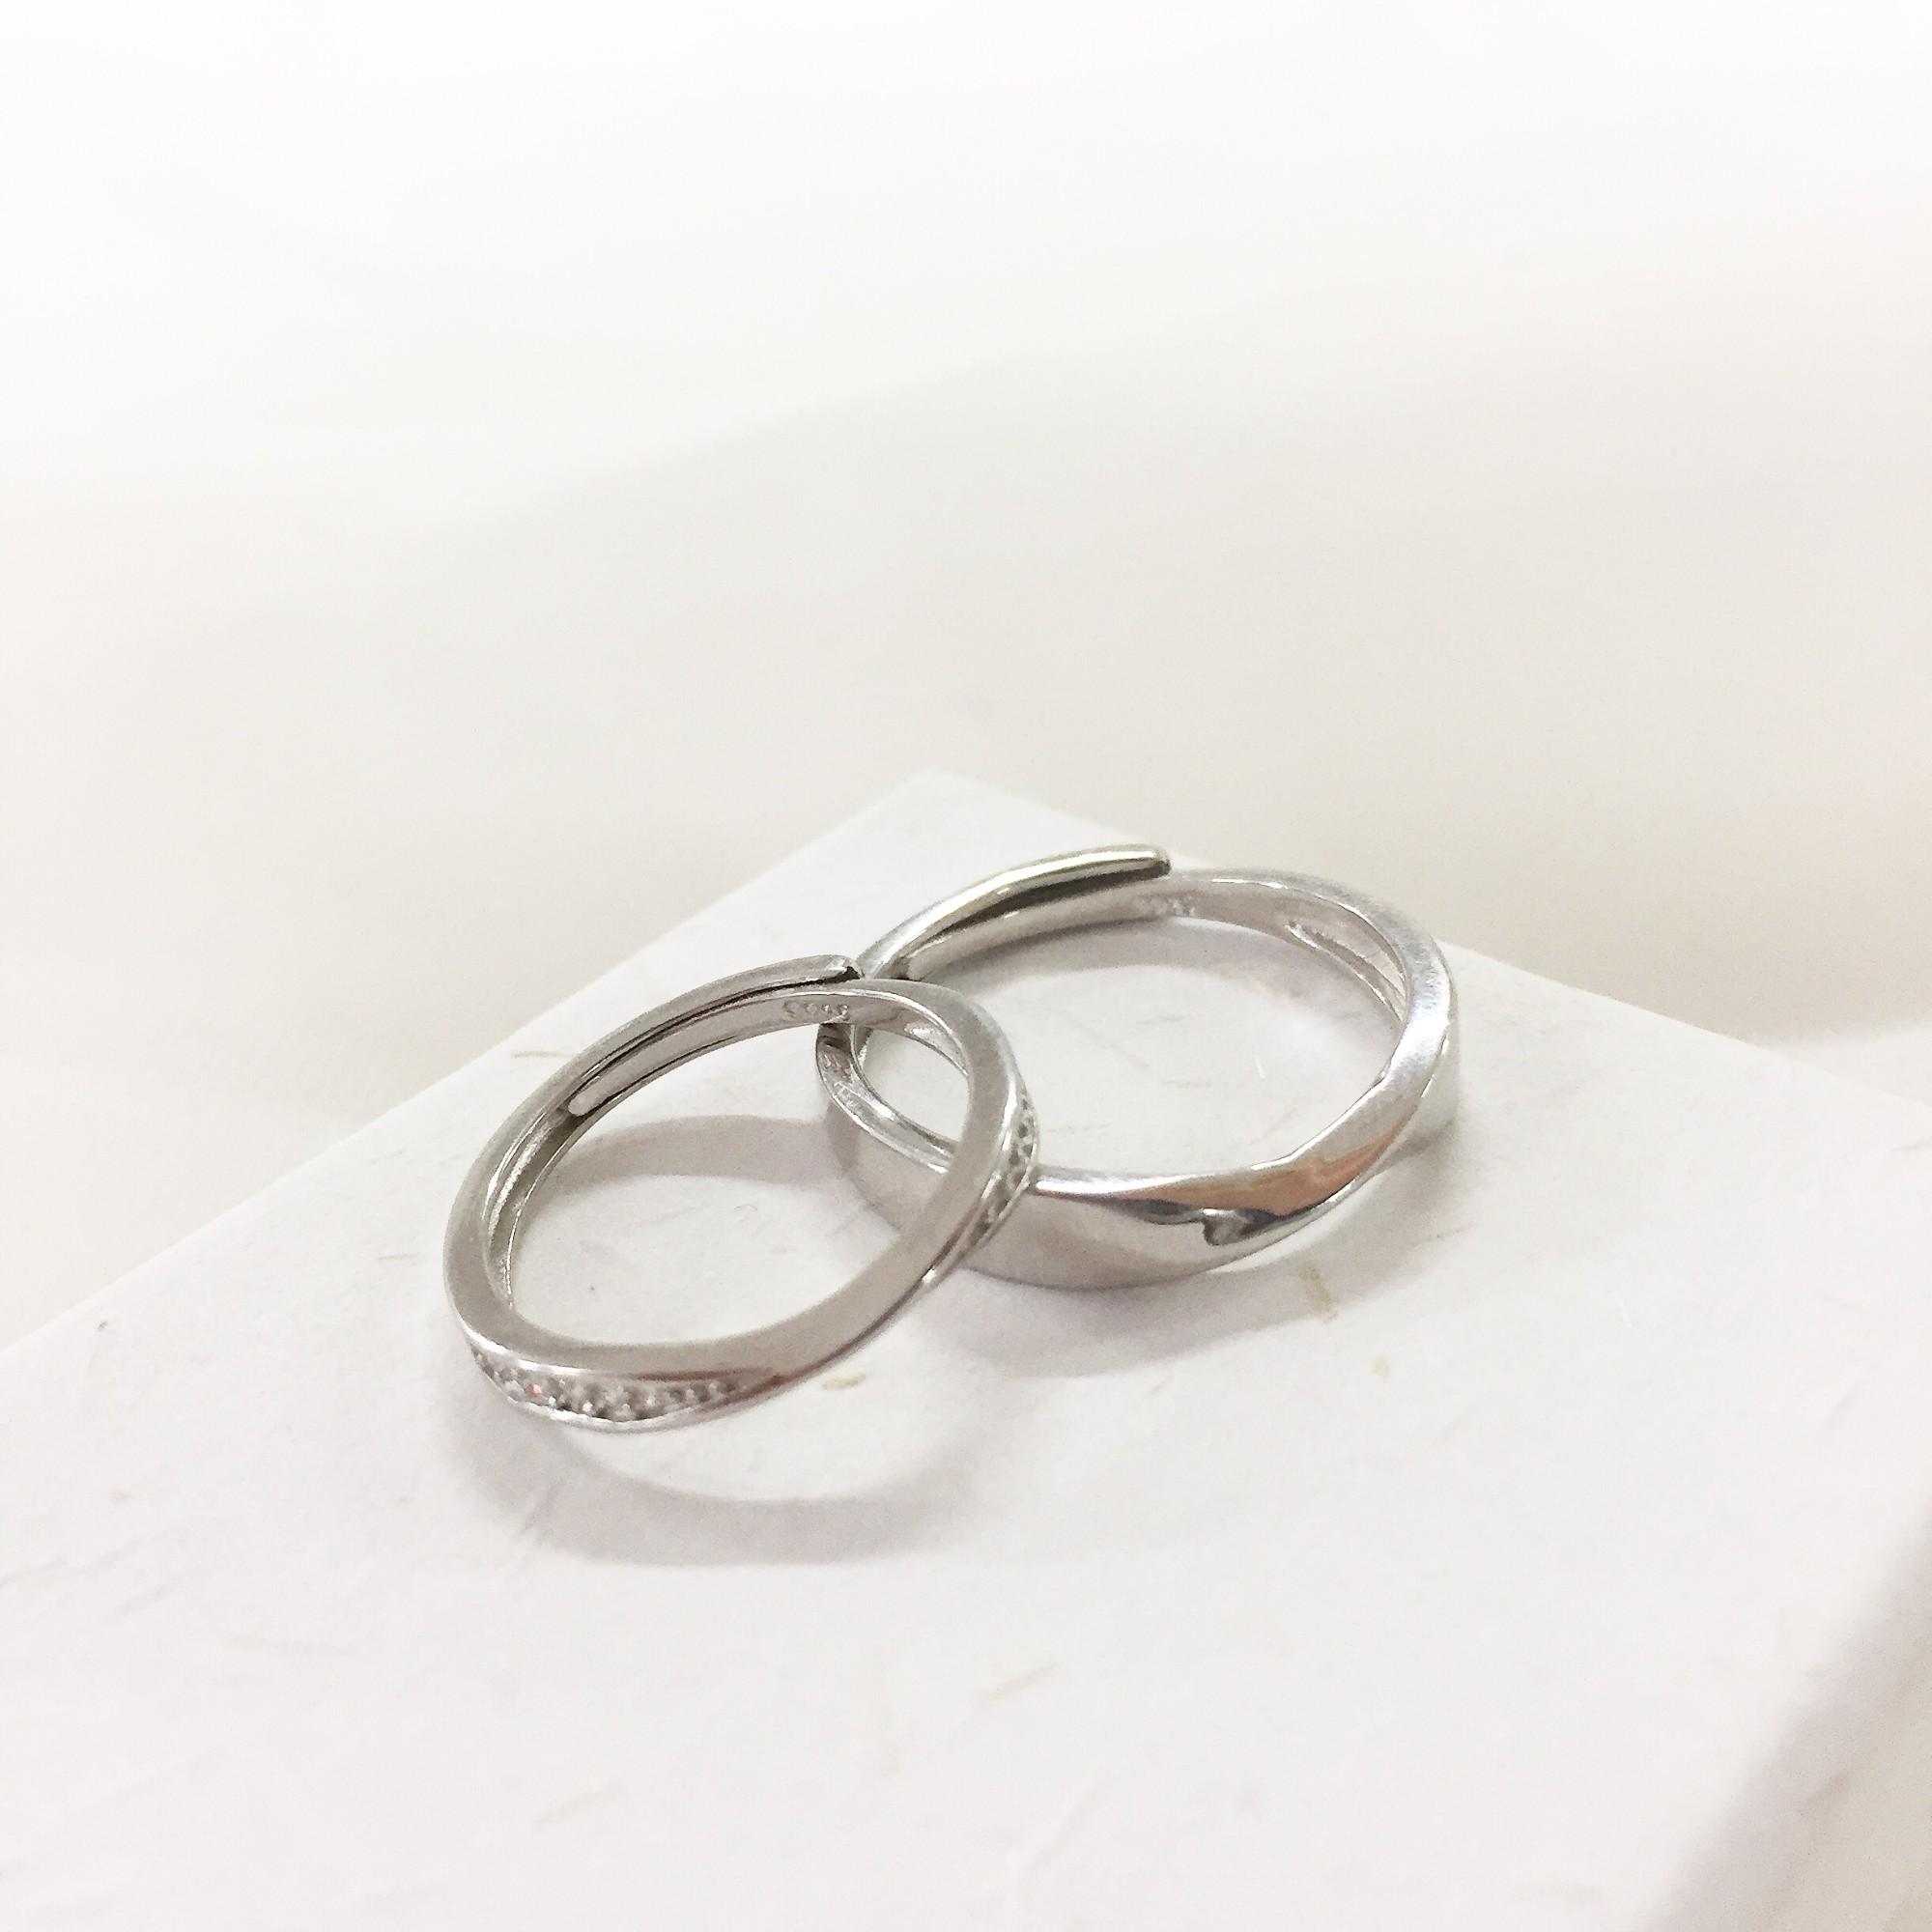 简约时尚周边ido对戒指